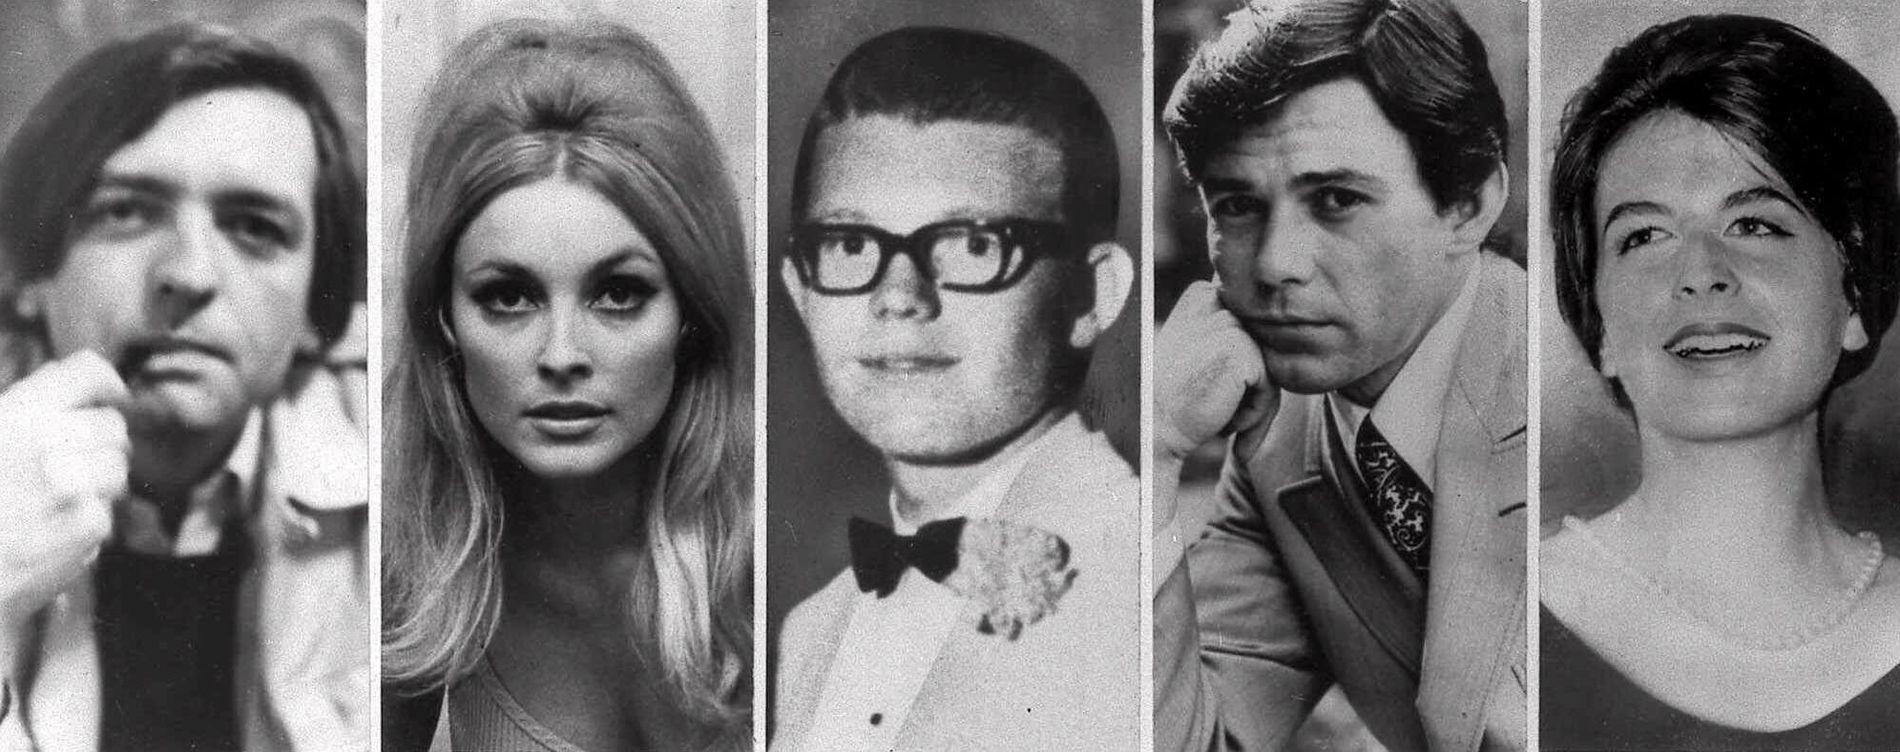 OFRENE: F.v. Voityck Frykowski, Sharon Tate, Stephen Parent, Jay Sebring og Abigail Folger ble alle drept rundt midnatt 9. august 1969.